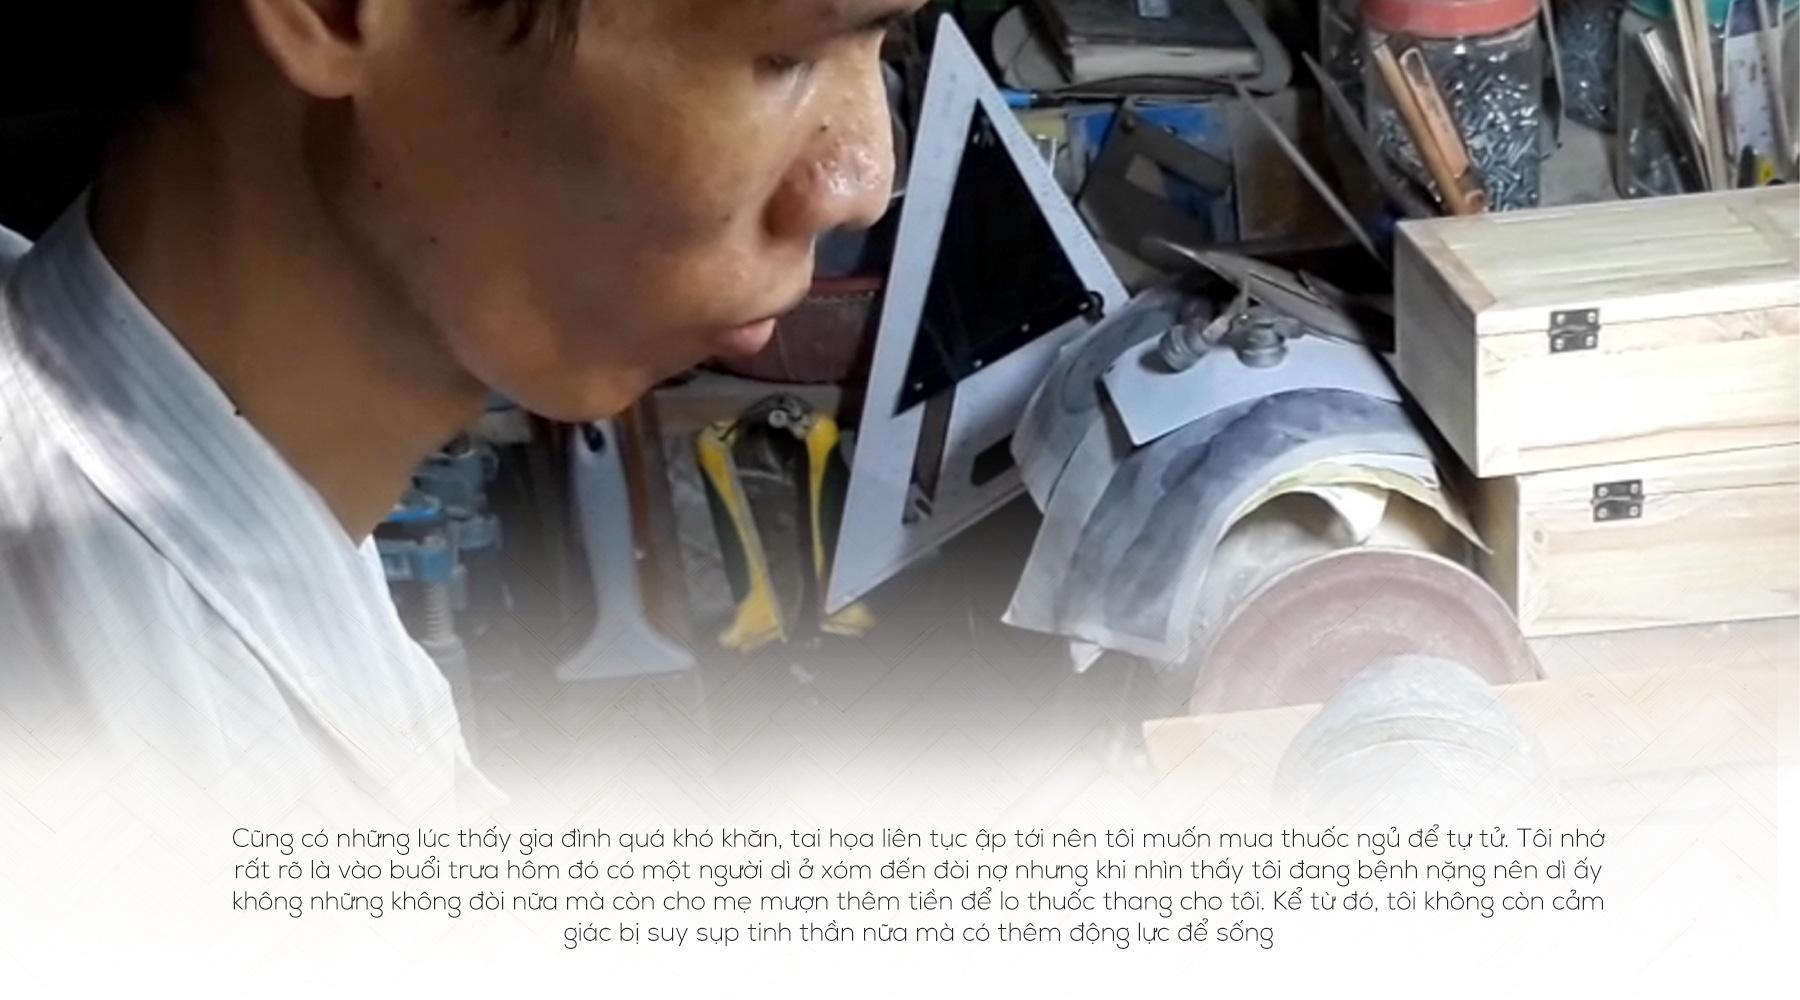 [eMagazine] - Chàng trai mê tre vượt qua nỗi đau tật nguyền - Ảnh 2.